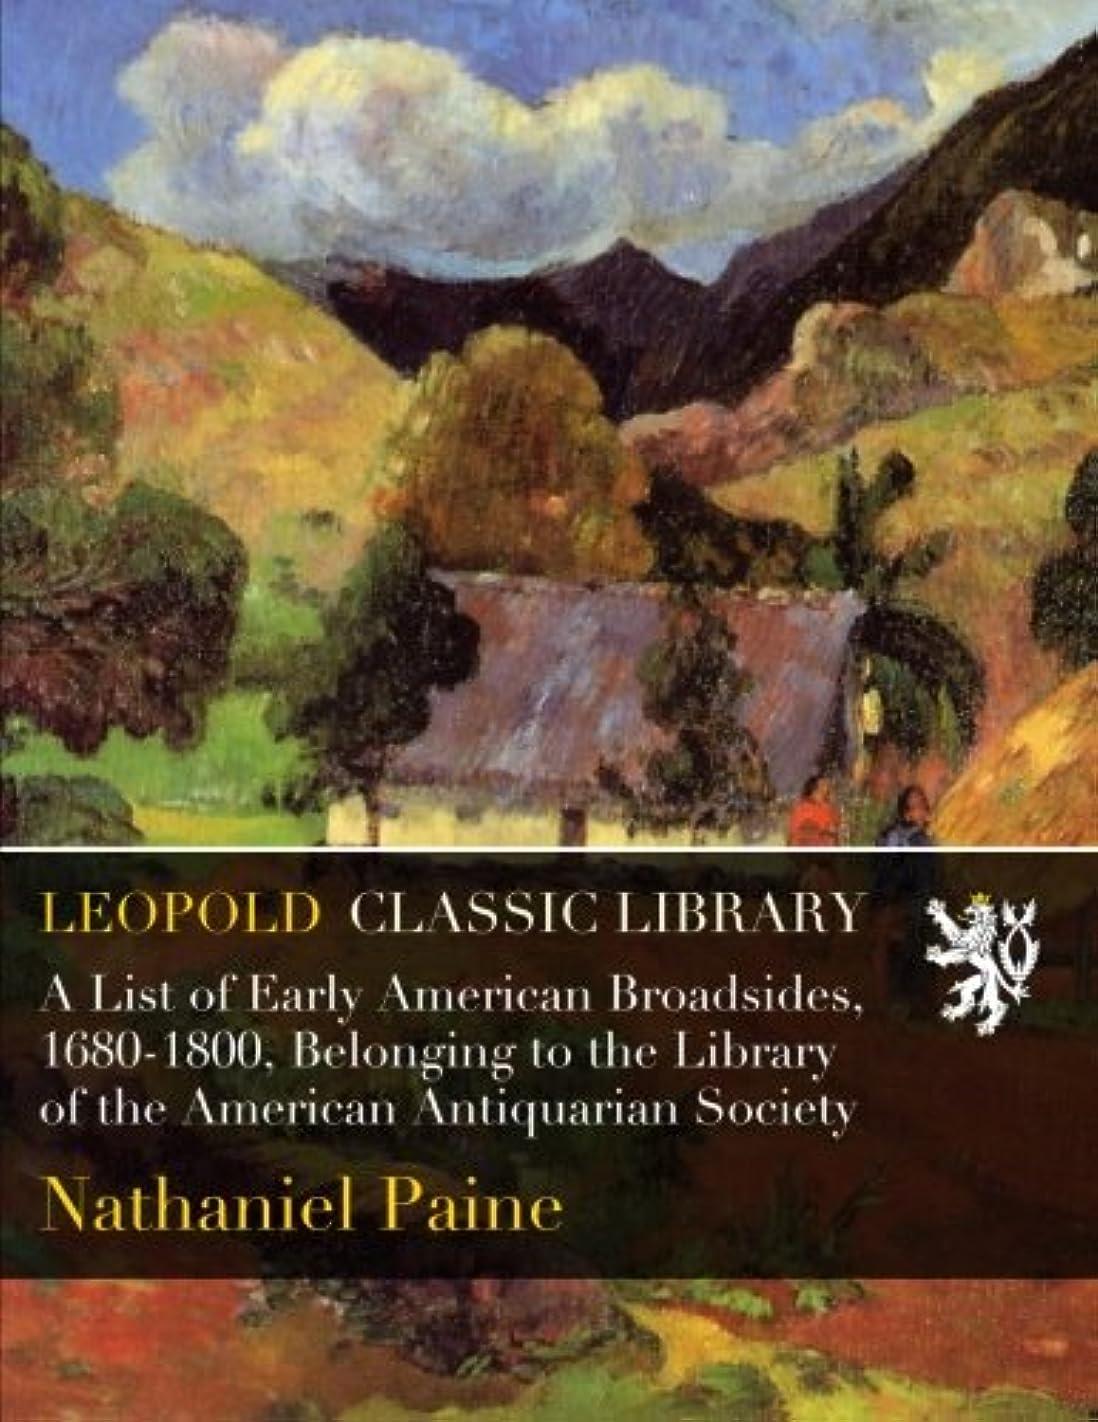 安全否認する黒人A List of Early American Broadsides, 1680-1800, Belonging to the Library of the American Antiquarian Society